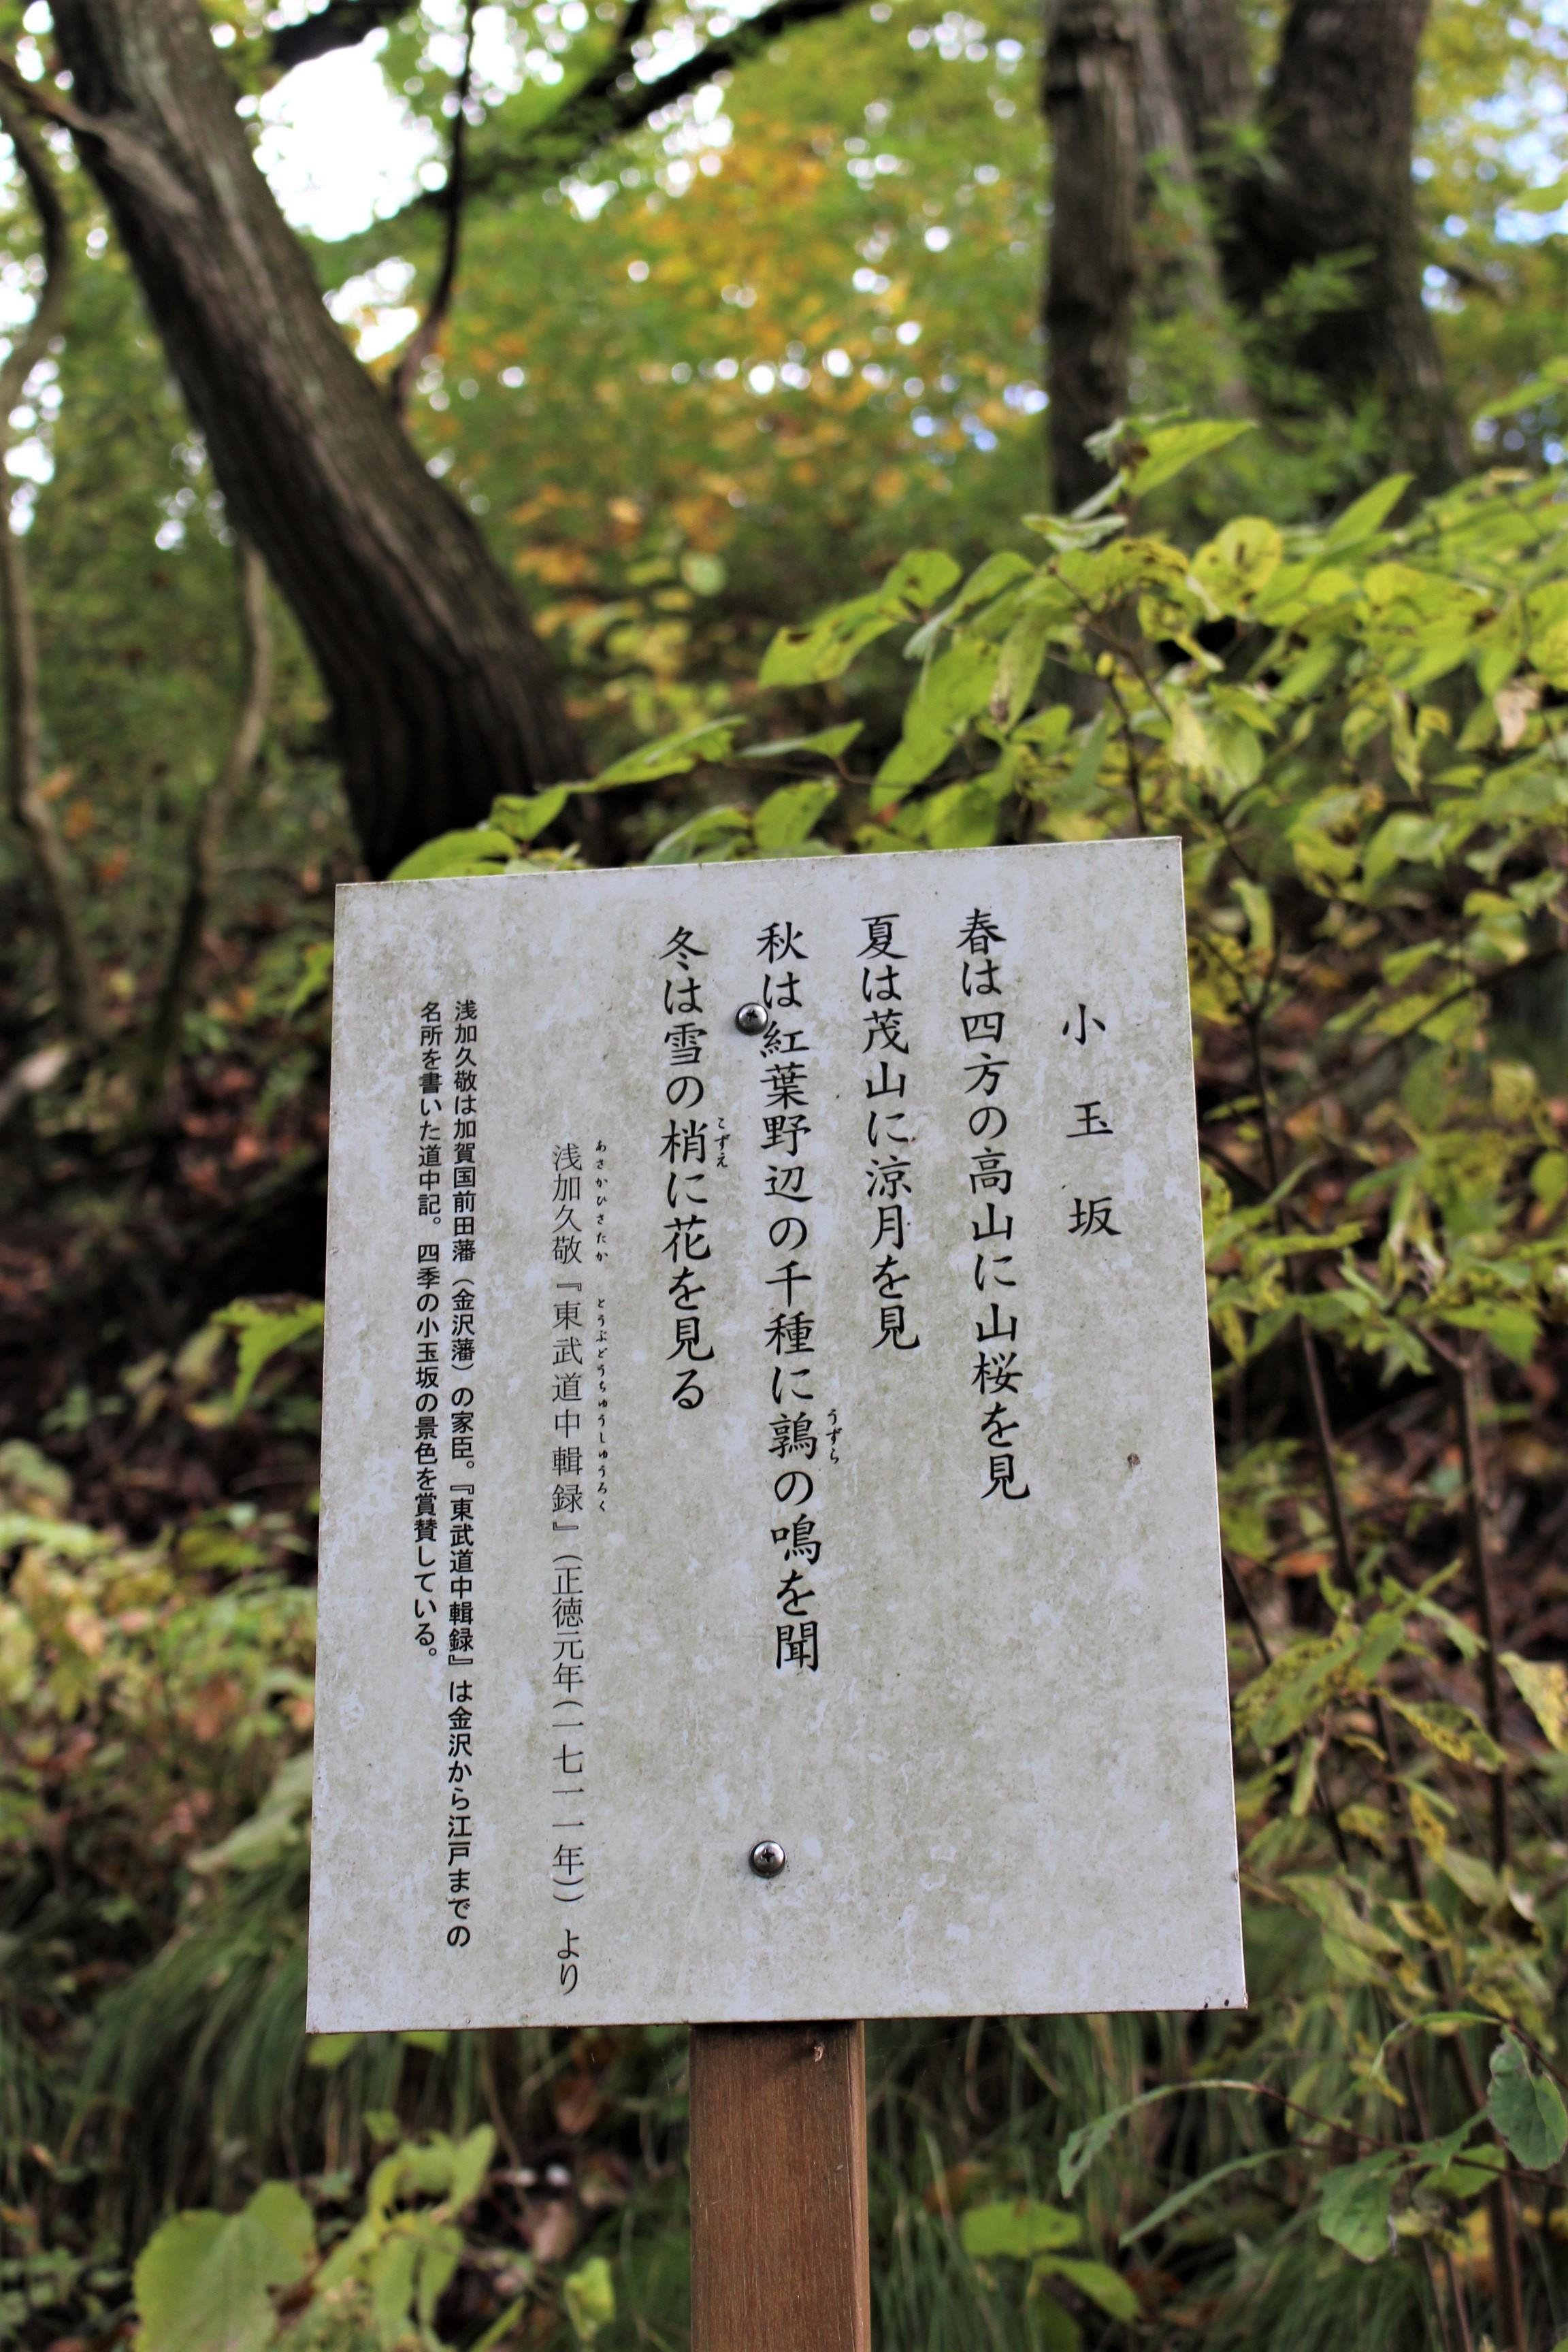 7小玉坂(こだまざか)